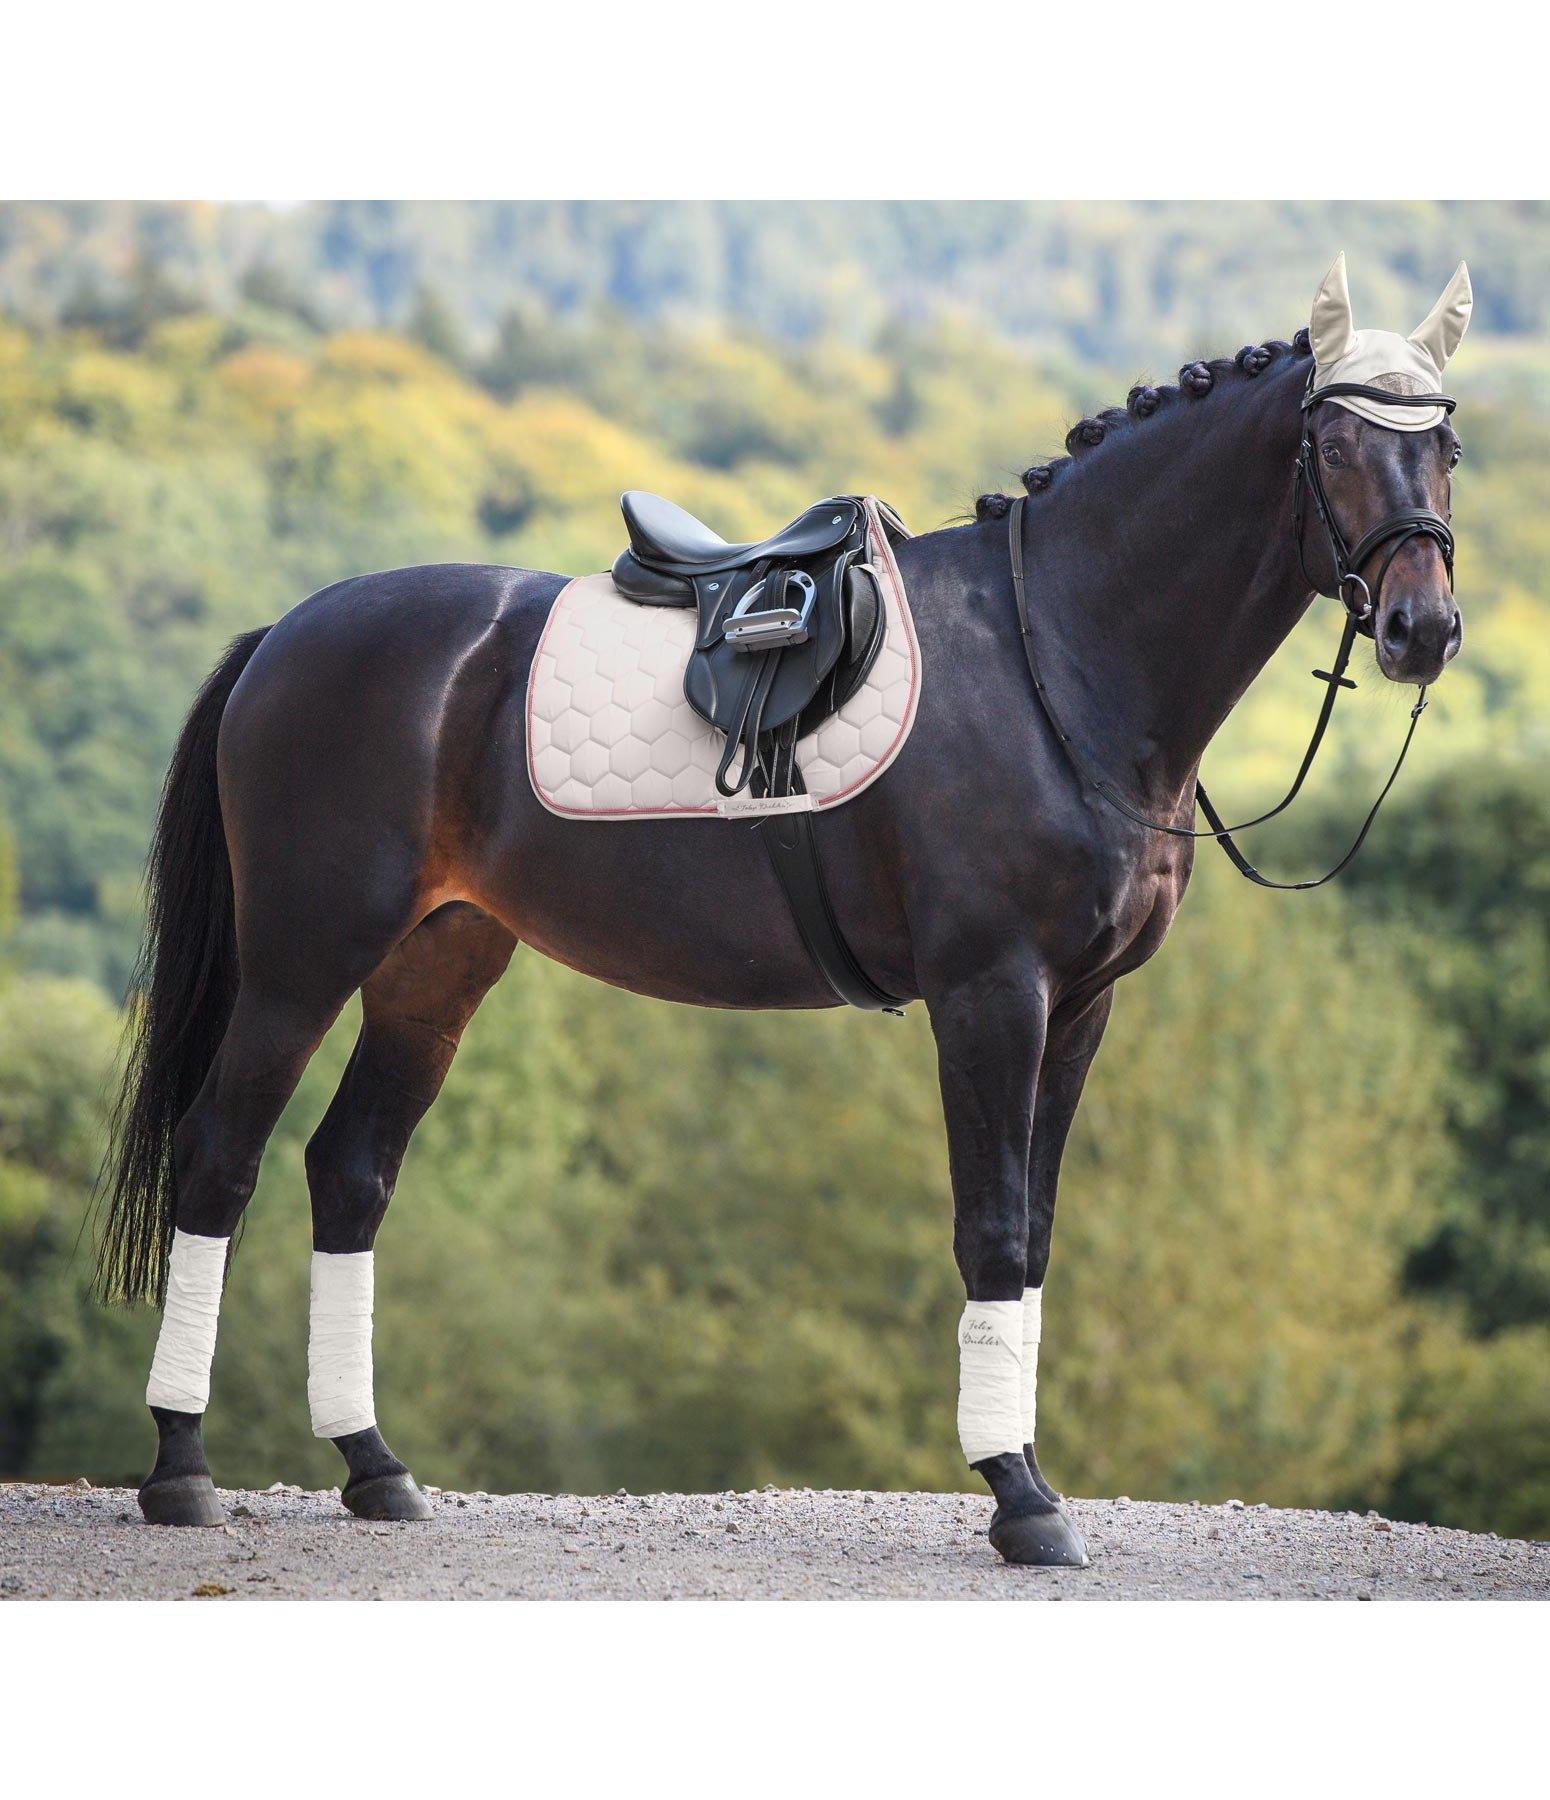 55d1eeced8 Saddle Pad Floral Inspiration PRO - Saddle Pads - Kramer Equestrian